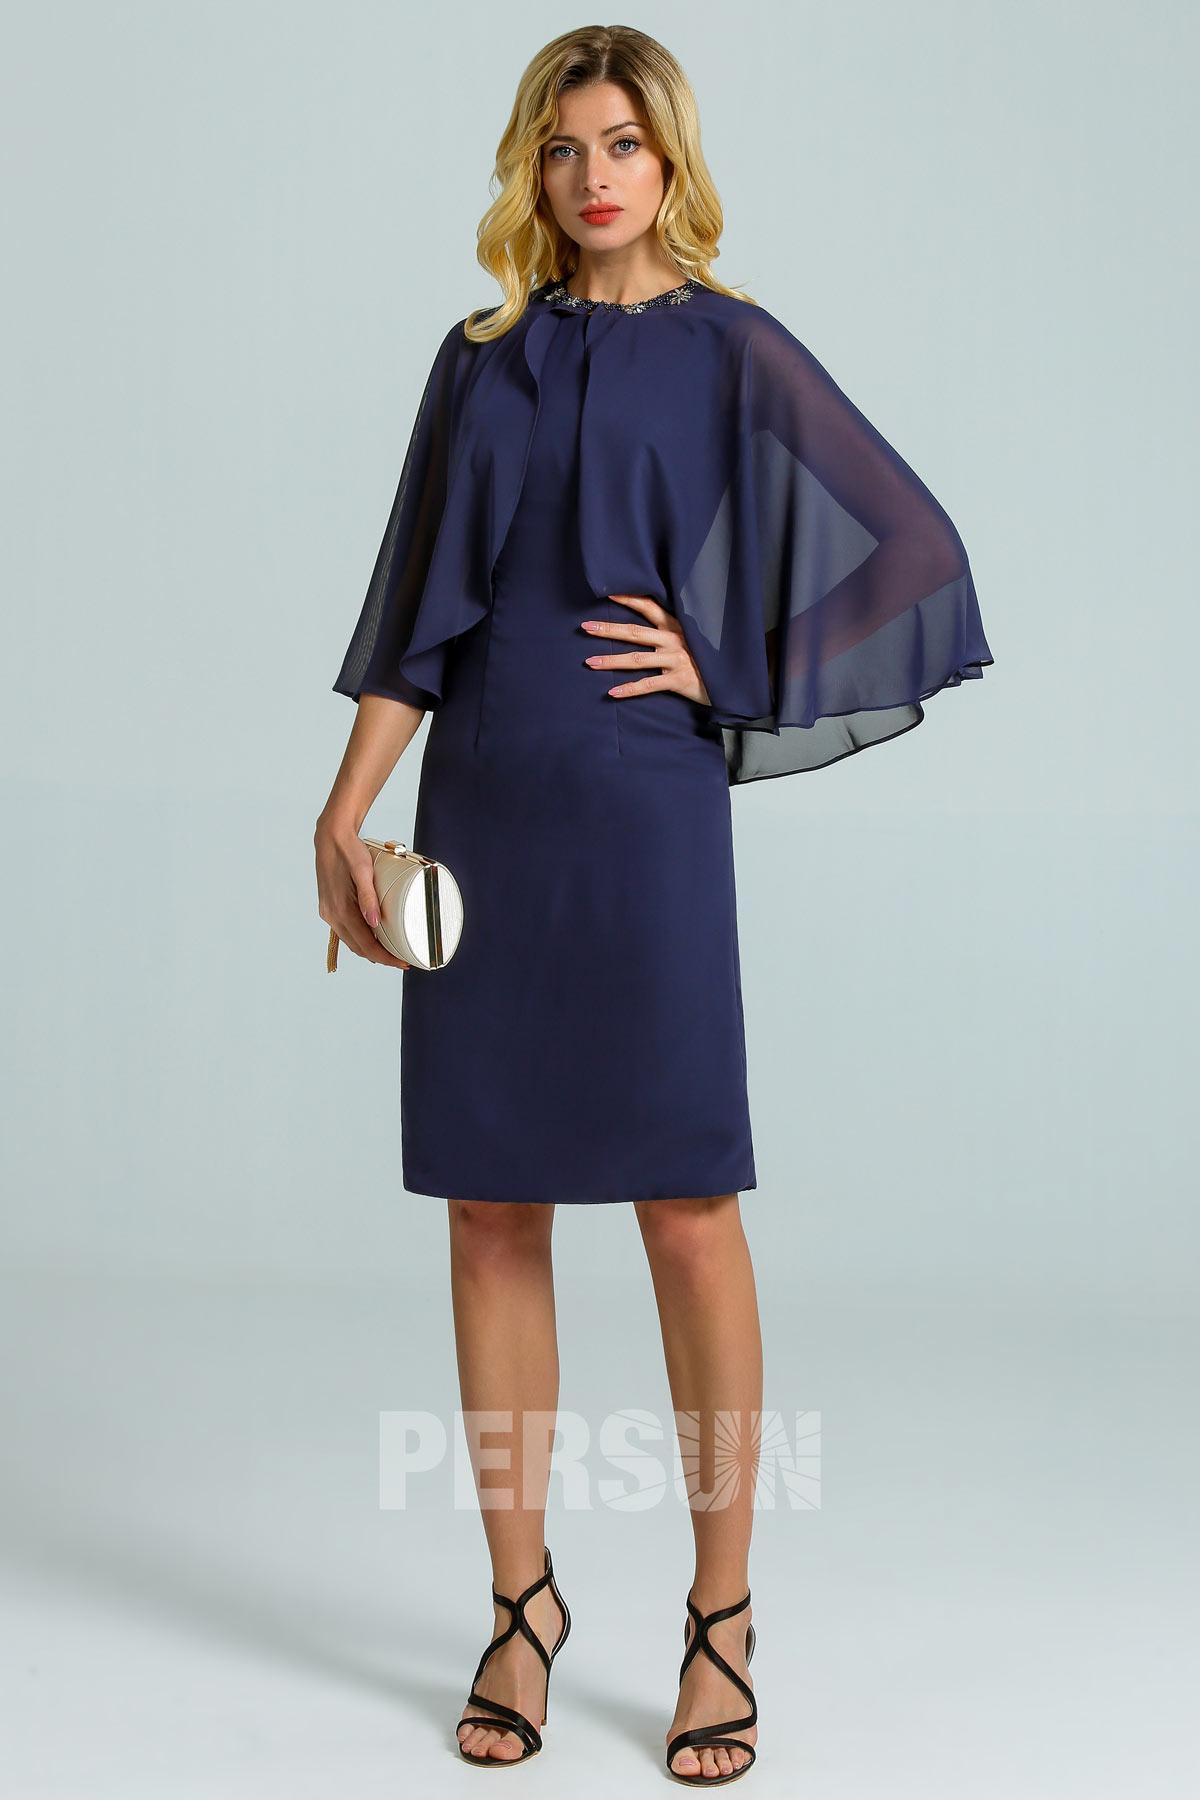 robe de cocktail courte fourreau bleu marine avec cape mousseline